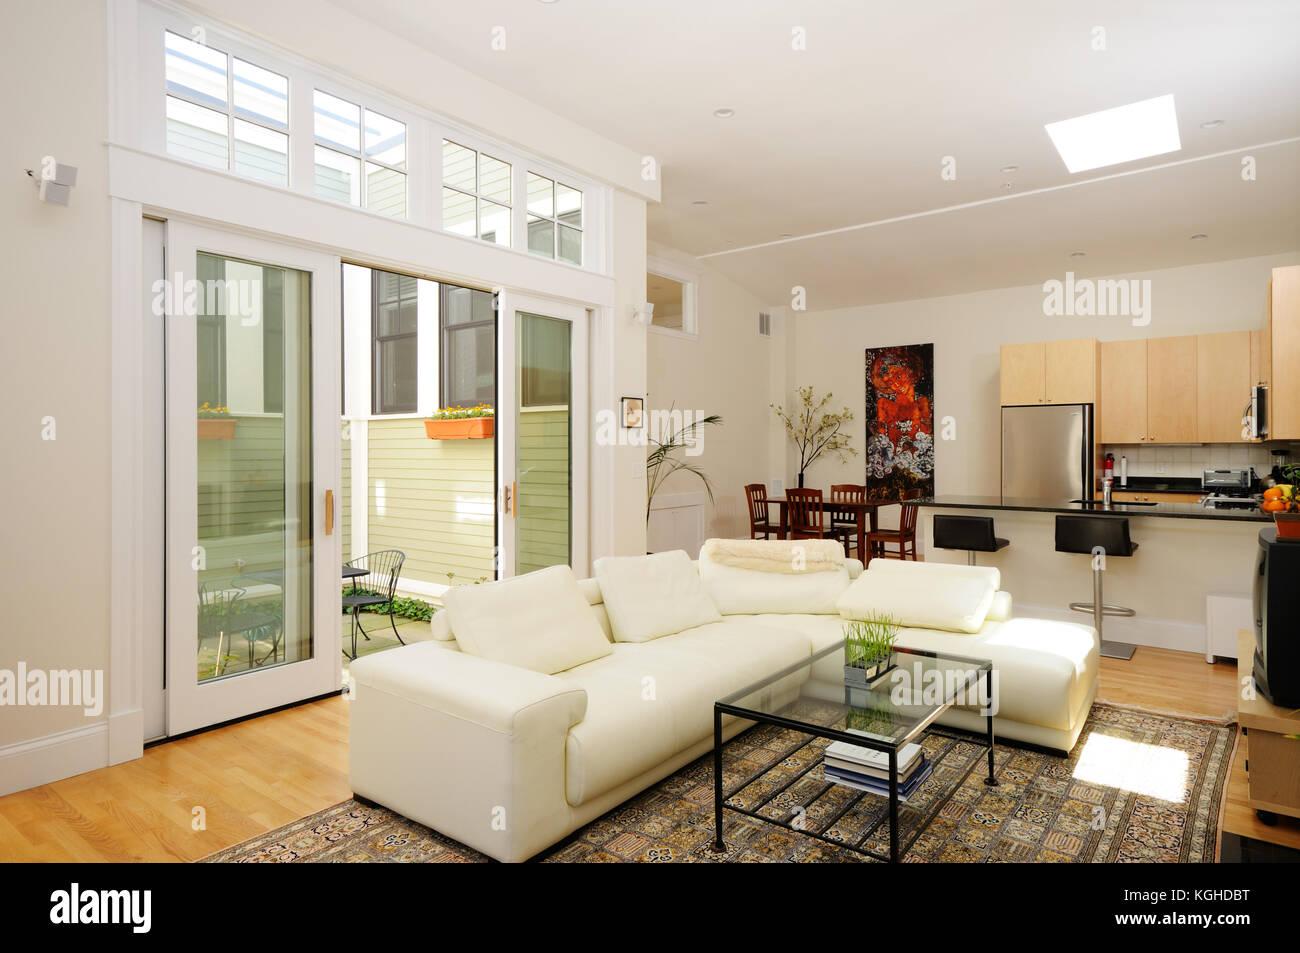 https://c8.alamy.com/compit/kghdbt/piano-aperto-soggiorno-sala-da-pranzo-cucina-e-atrio-in-moderno-appartamento-home-arredate-spaziose-e-con-molta-luce-naturale-kghdbt.jpg